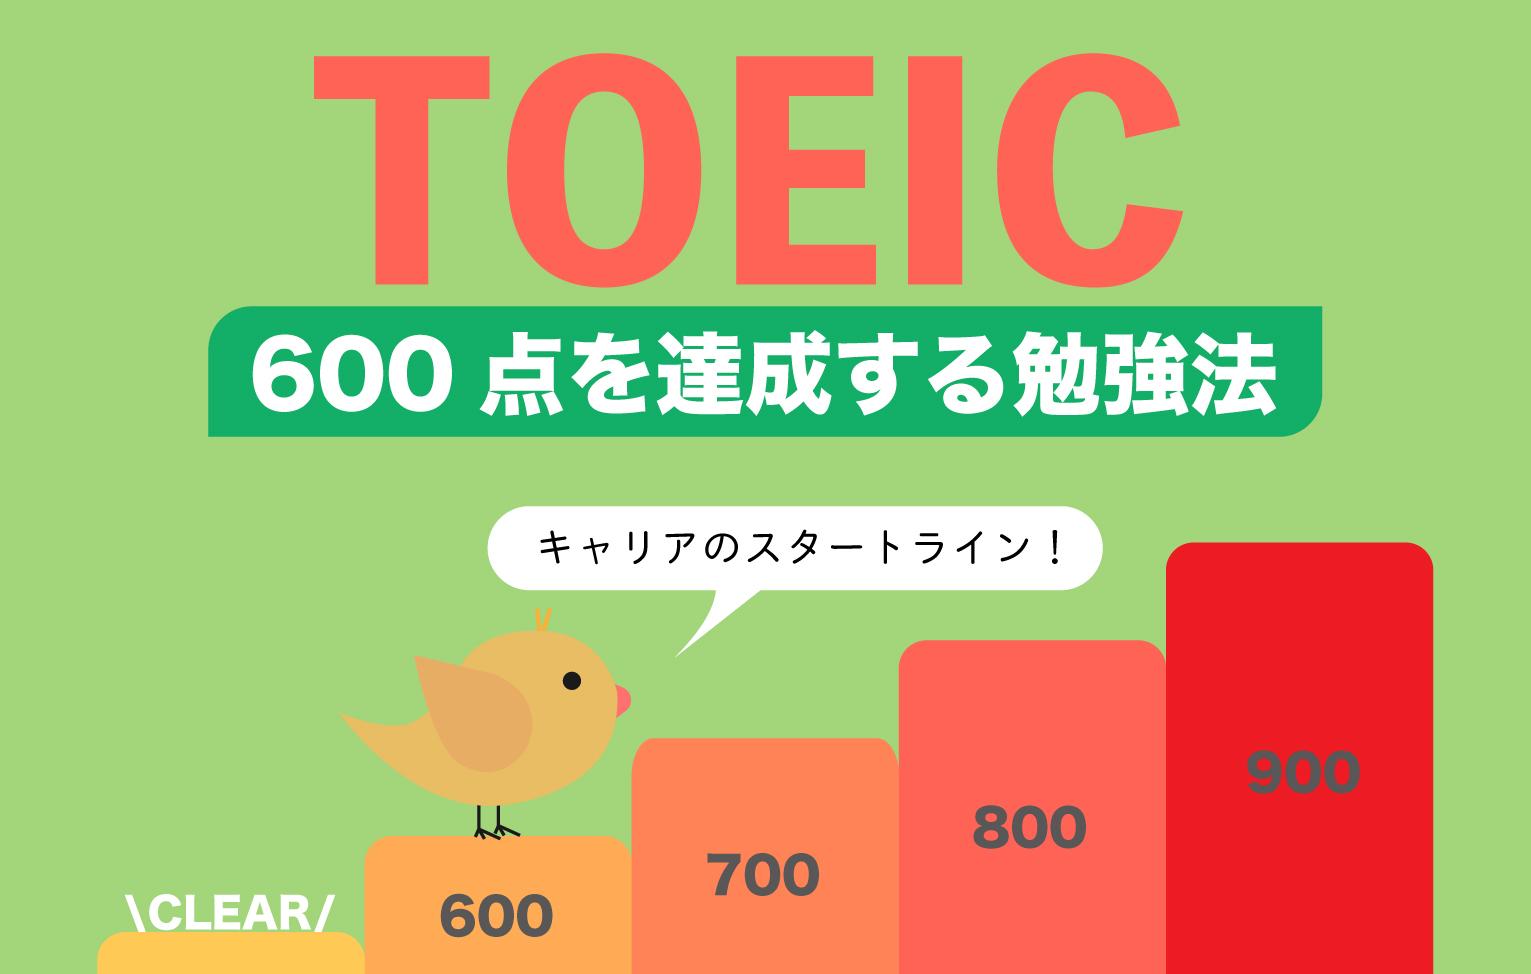 TOEIC600点を達成するための勉強法【英語キャリアのスタートライン】